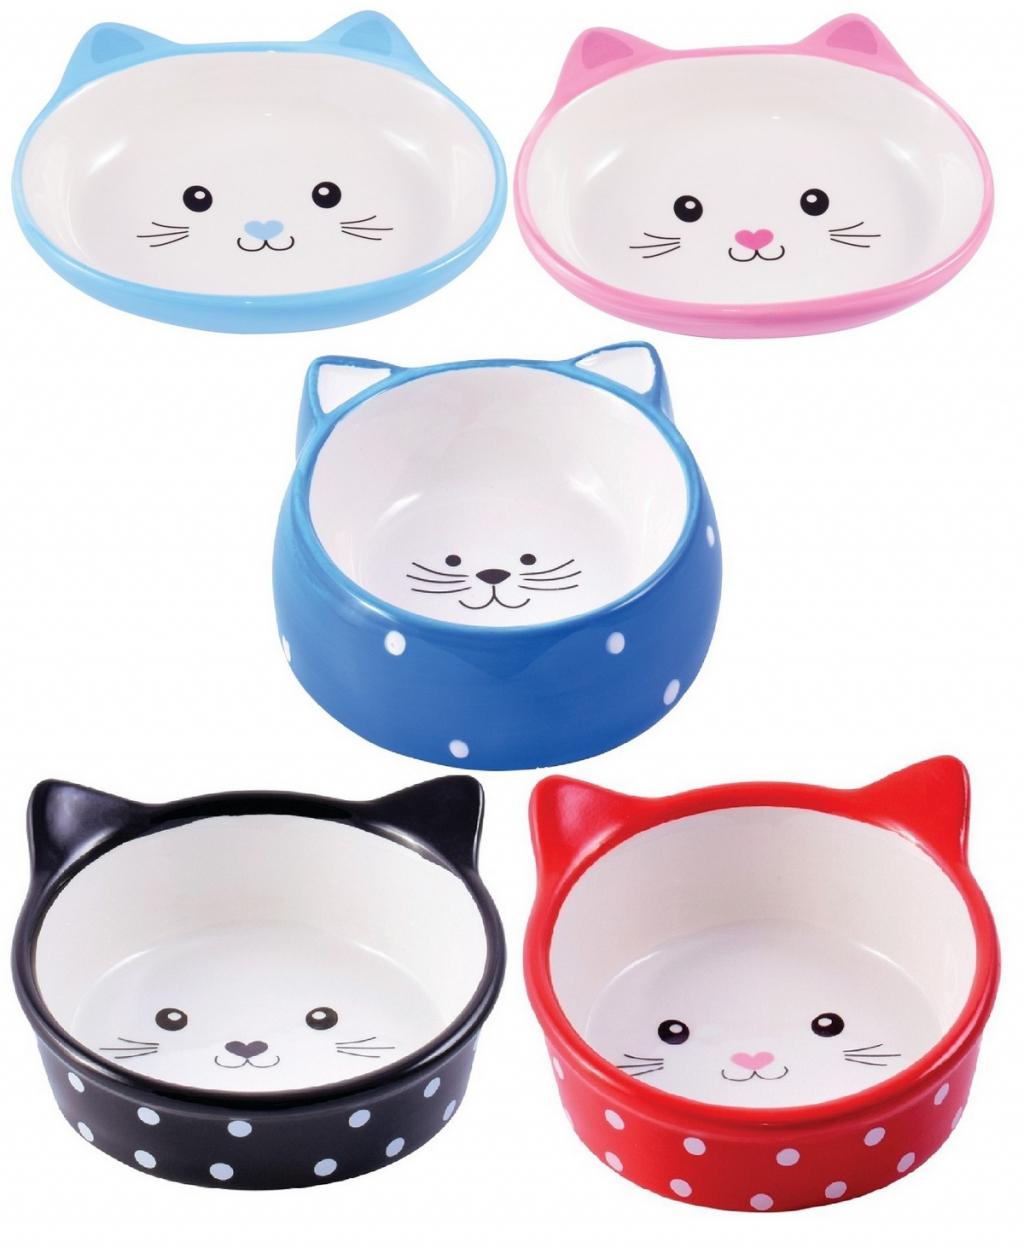 КерамикАрт Миска керамическая Мордочка кошки с ушками для кошек, в ассортименте